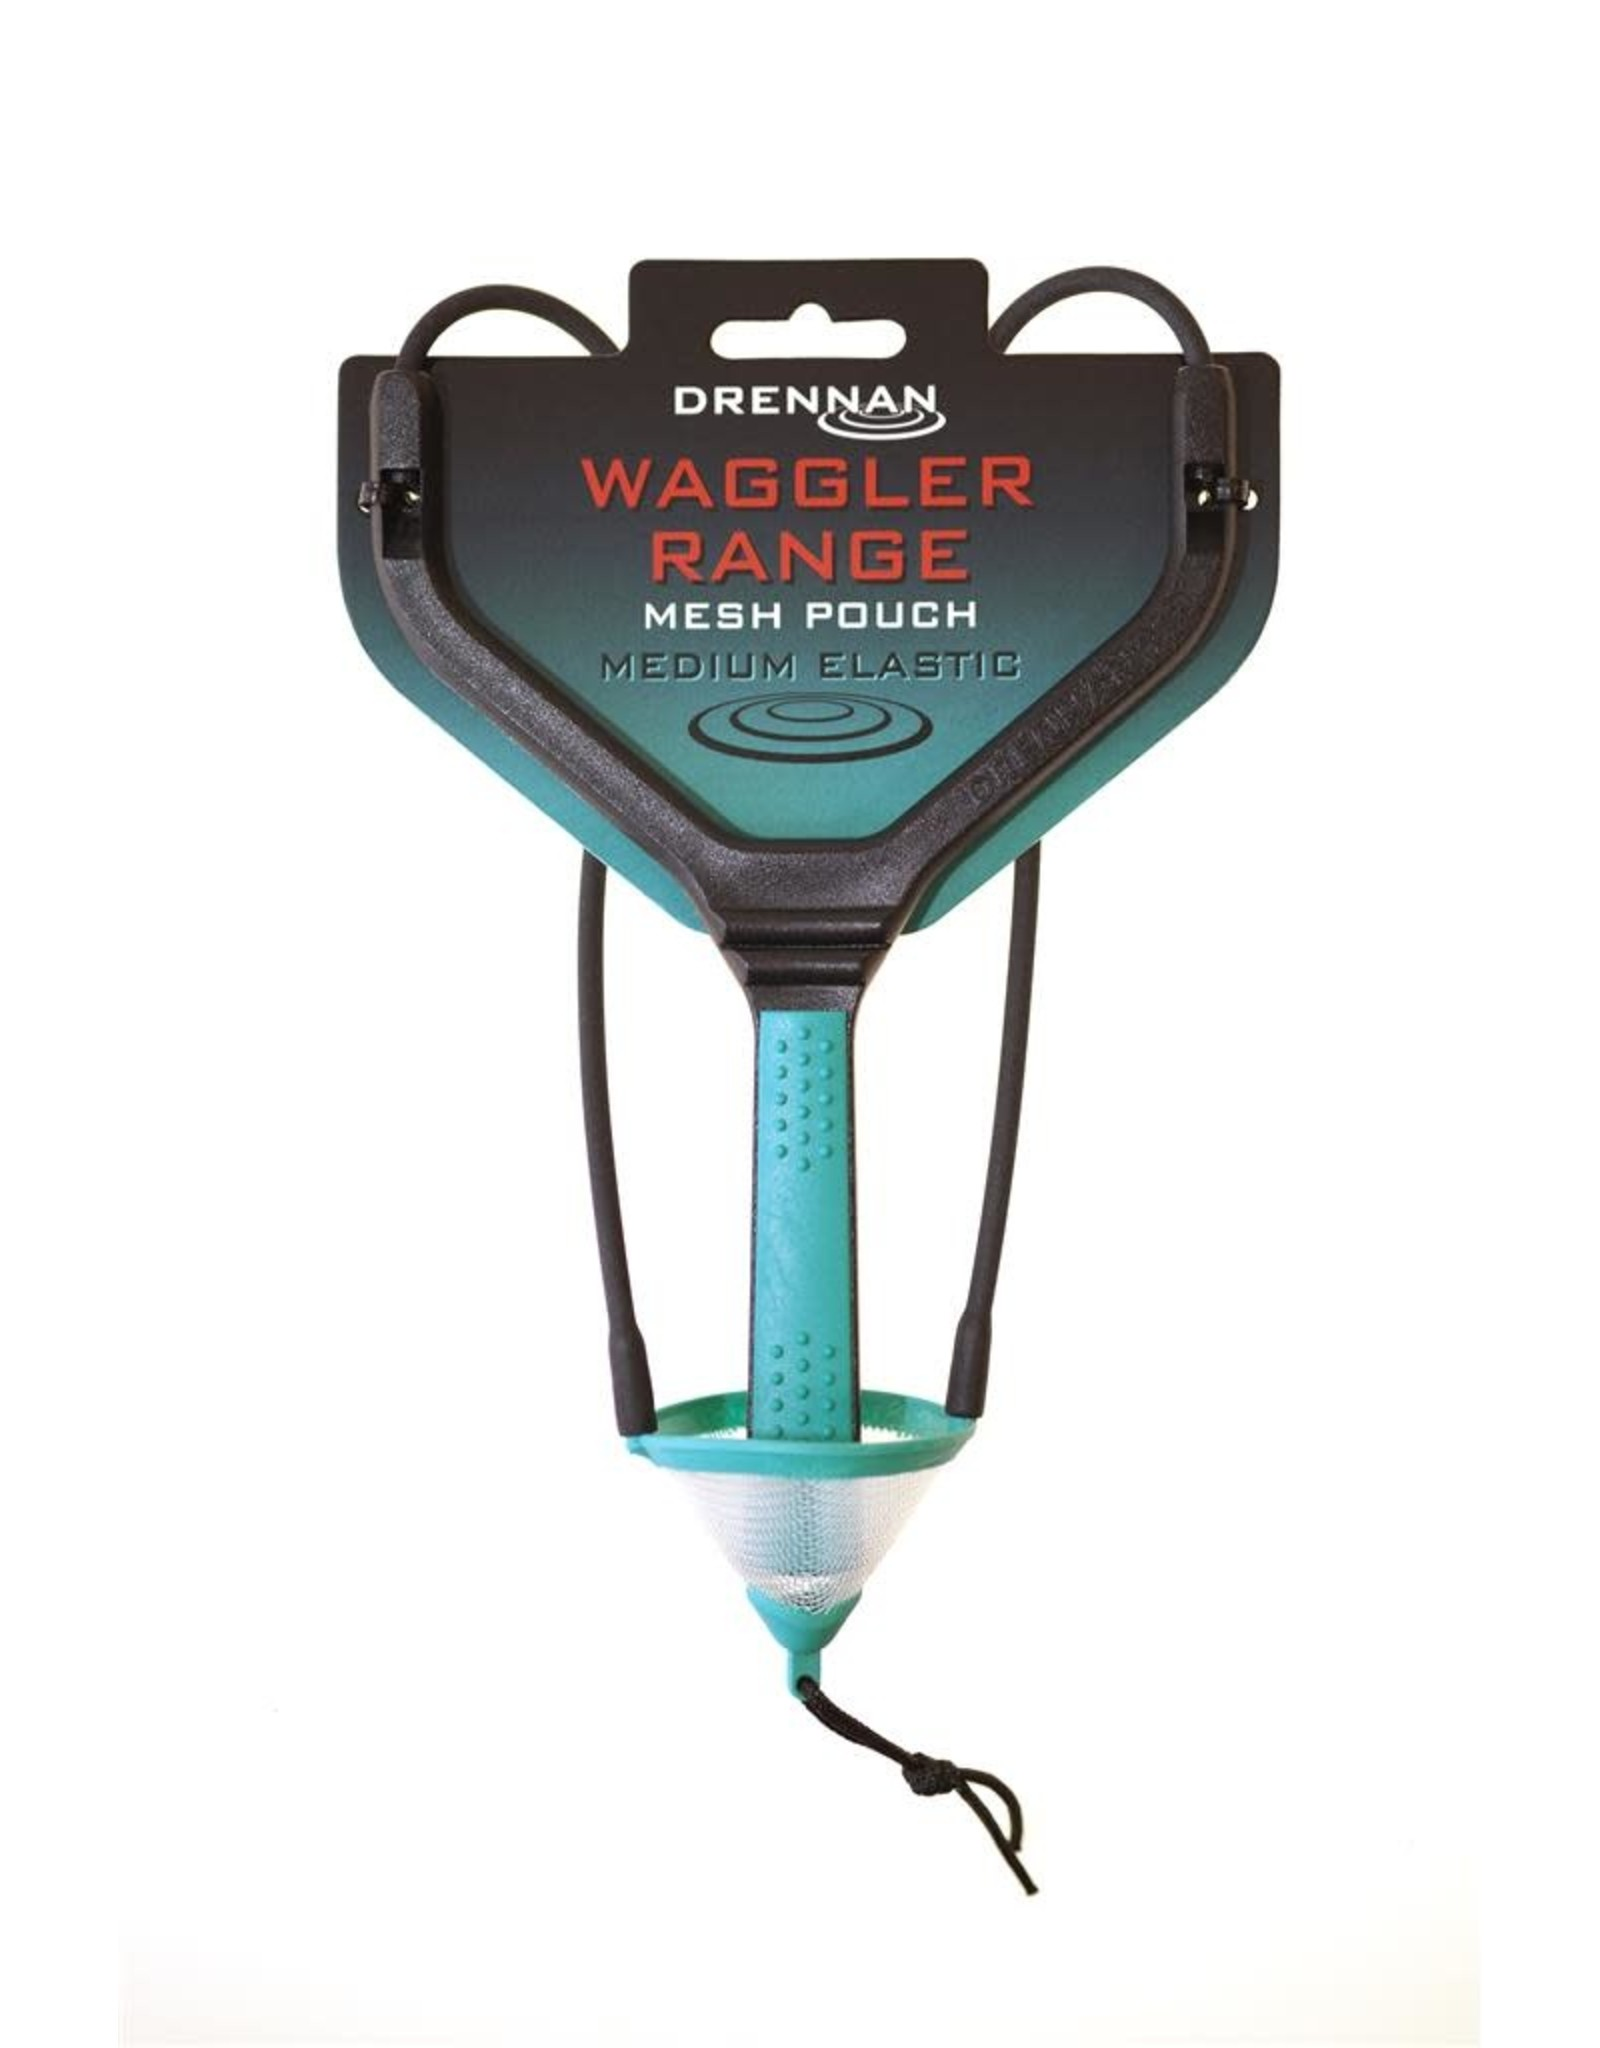 DRENNAN Waggler Range Medium